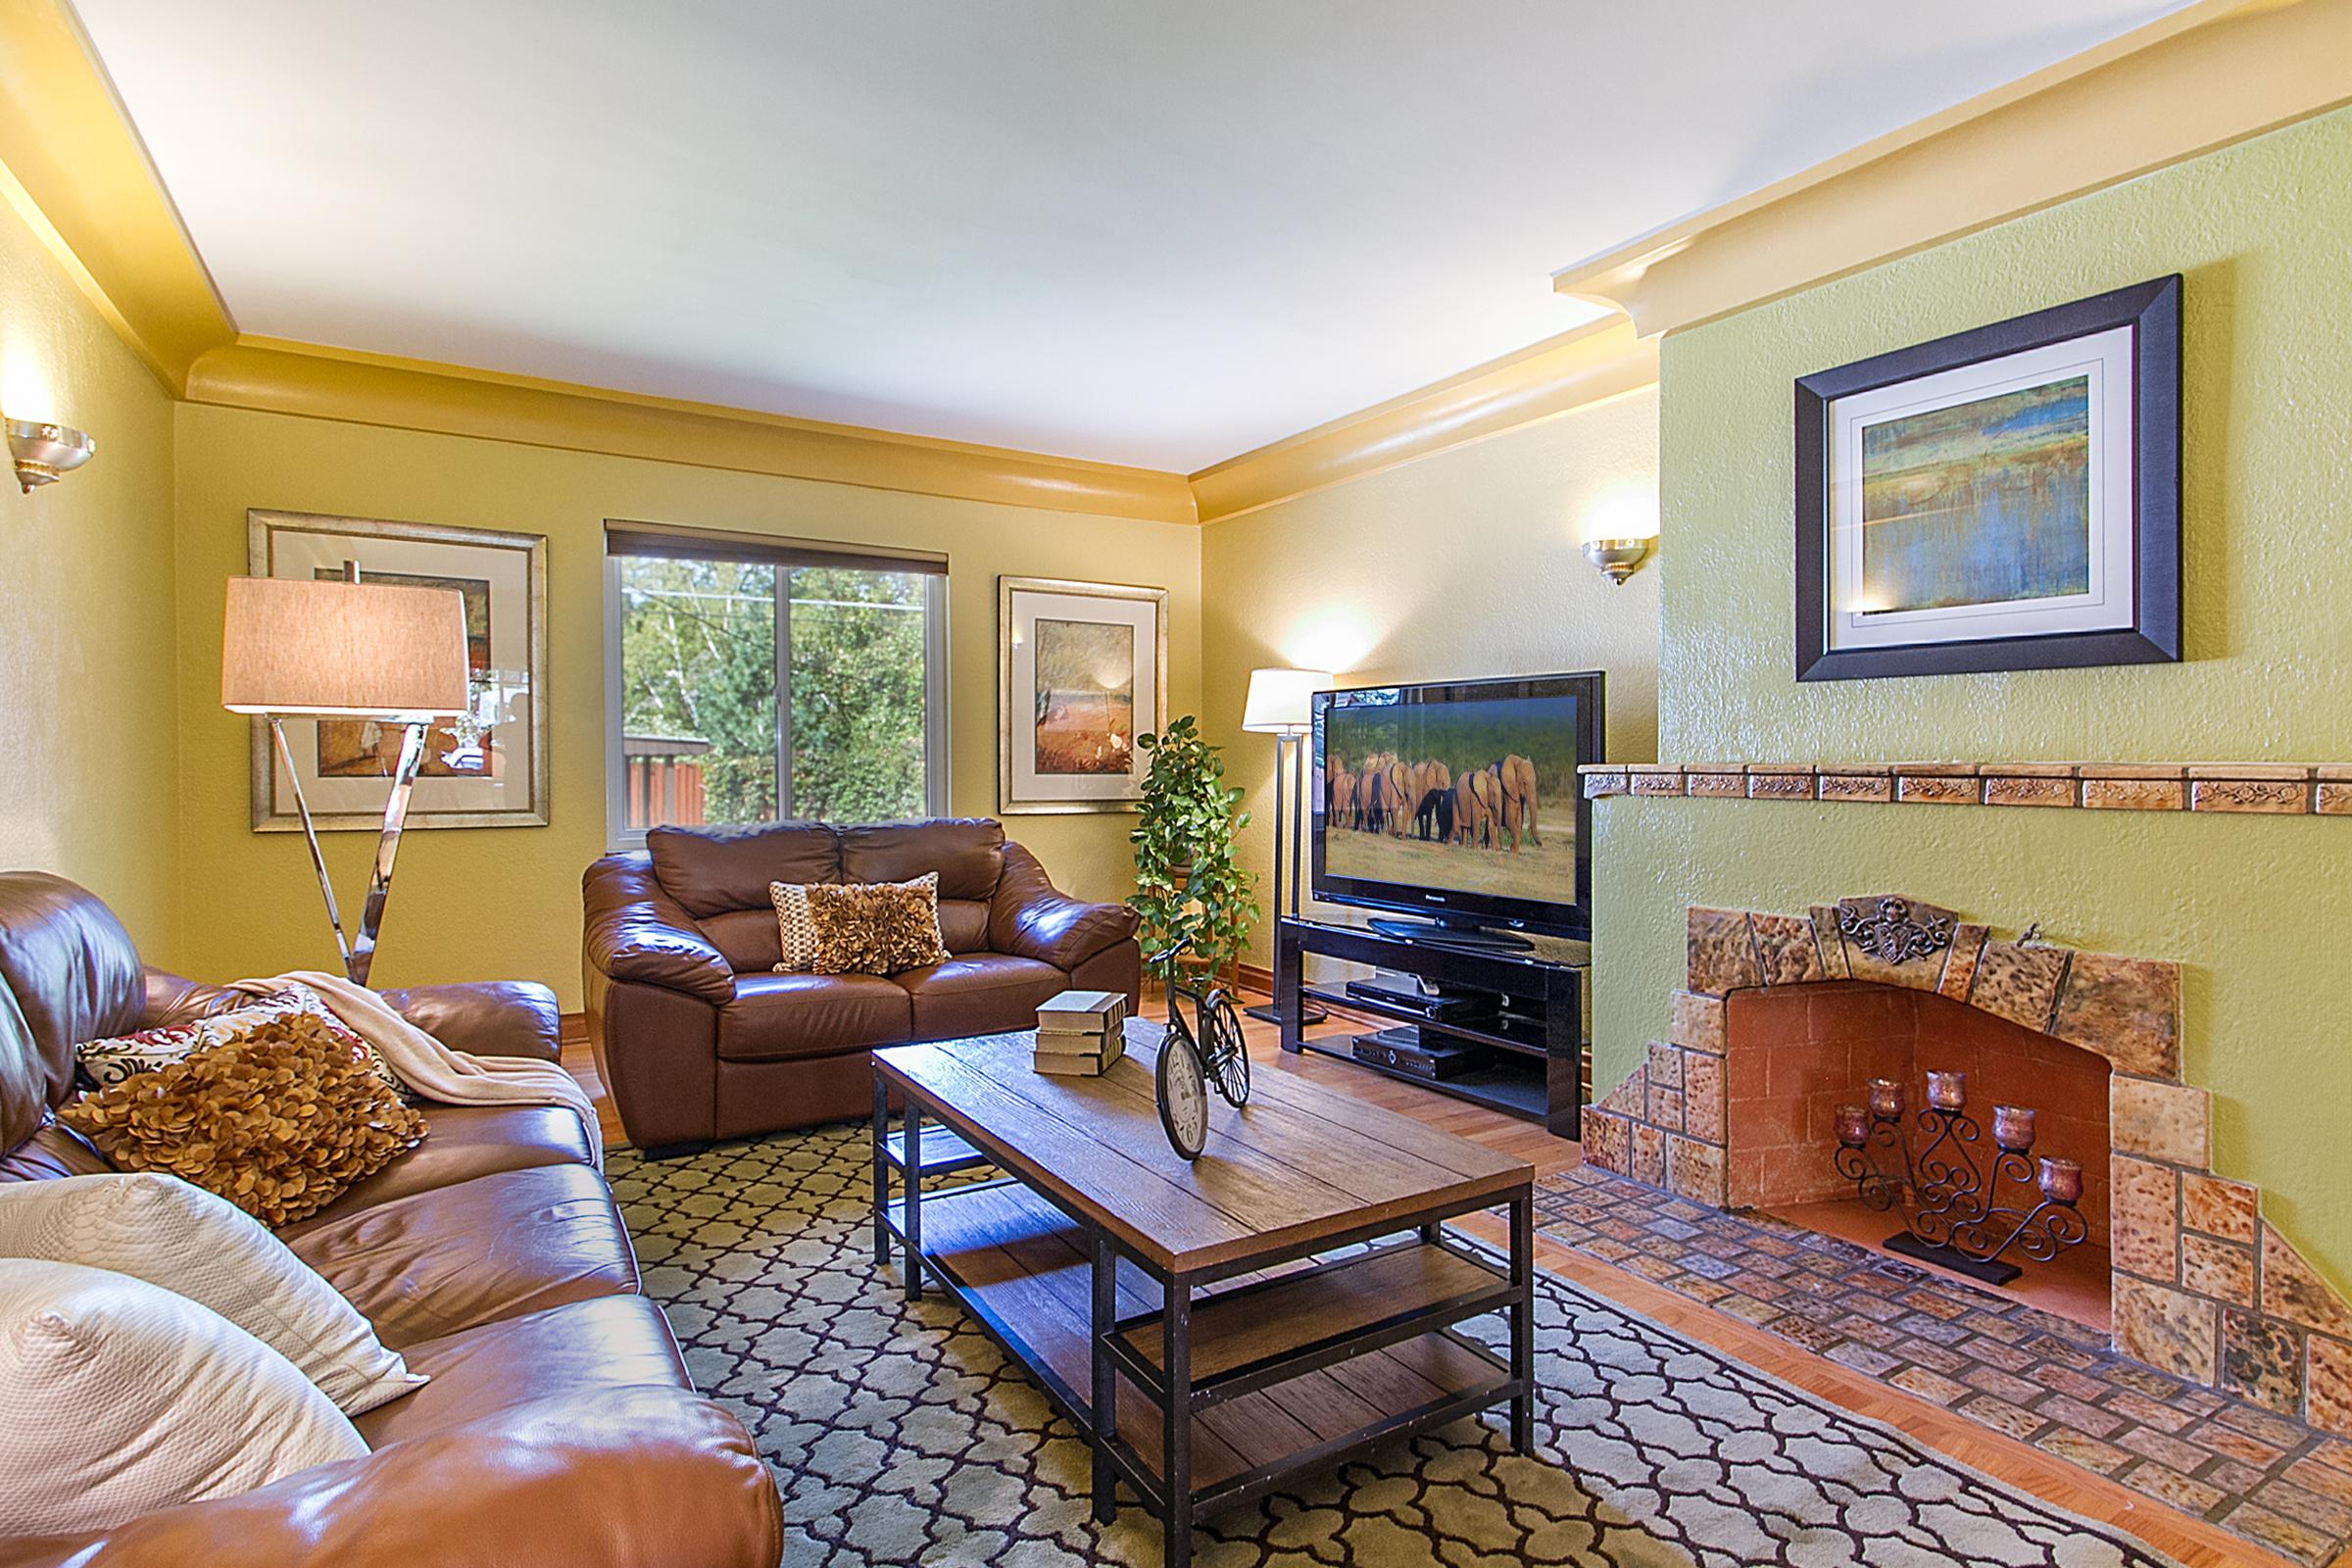 1409222_Textured-Plaster--Oak-Floors--Large-Crown-Moulding_high.jpg